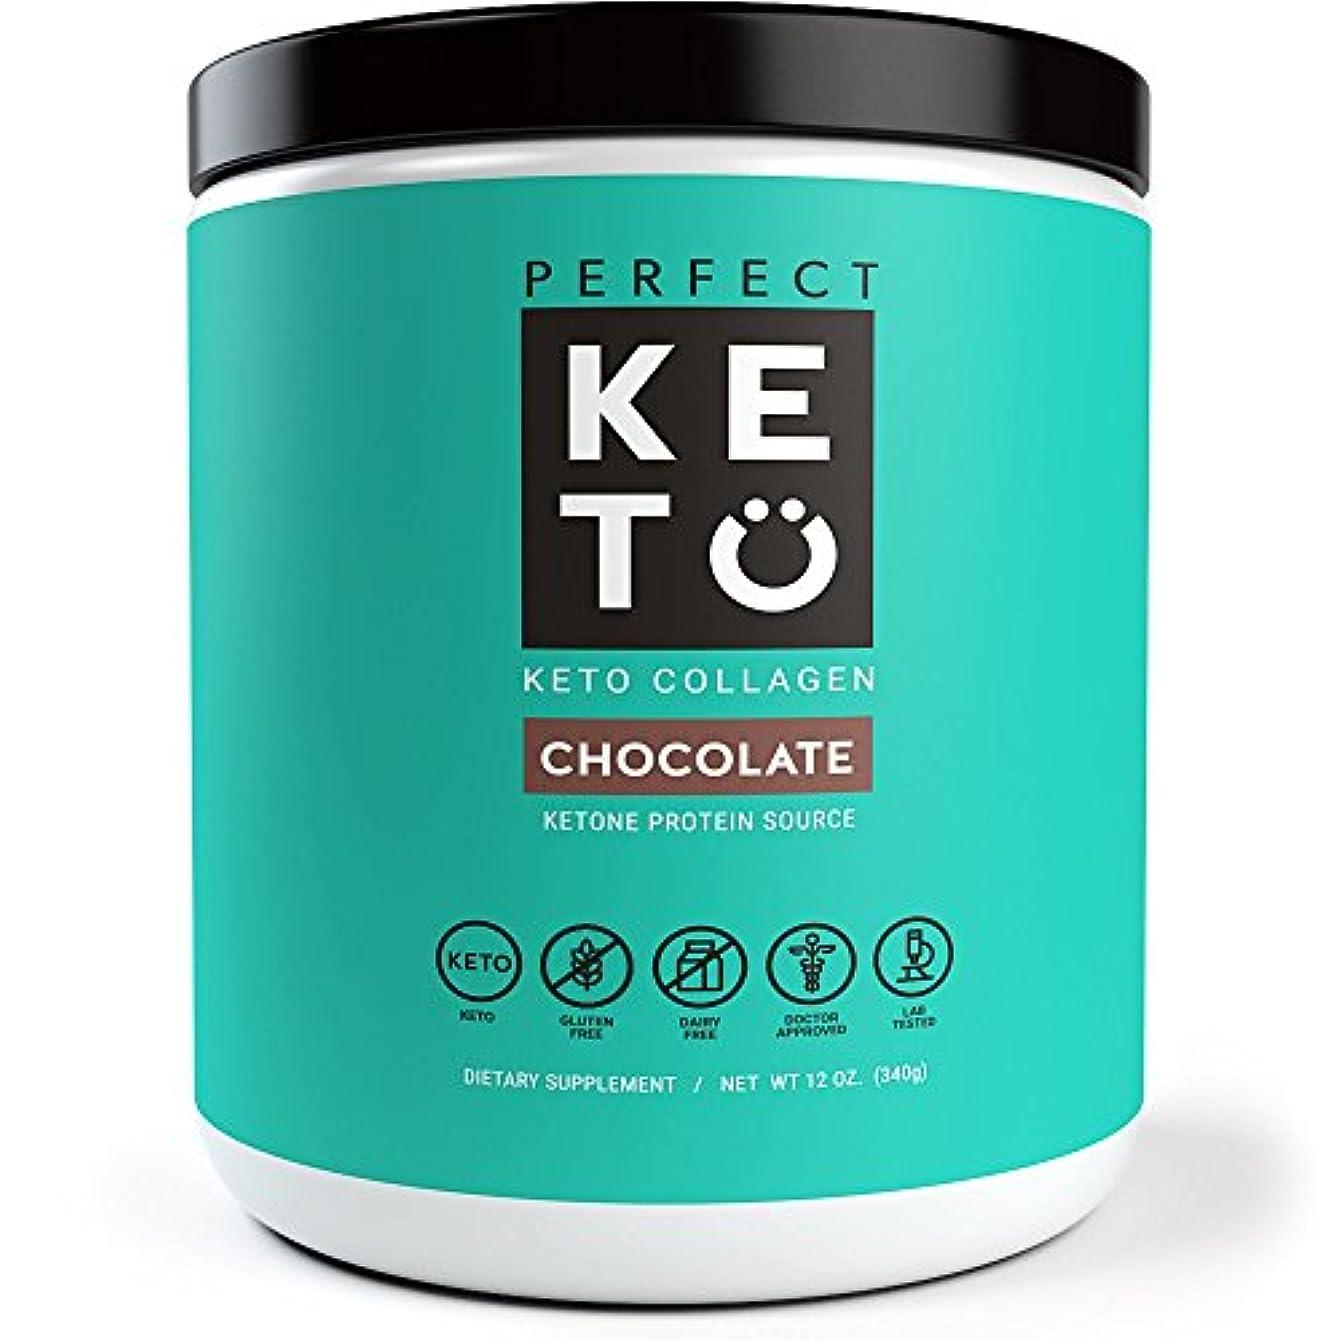 安定しました旋回チケットケト低糖質プロテインコラーゲンパウダー チョコレート味 340g by Perfect KETO [海外直送品]